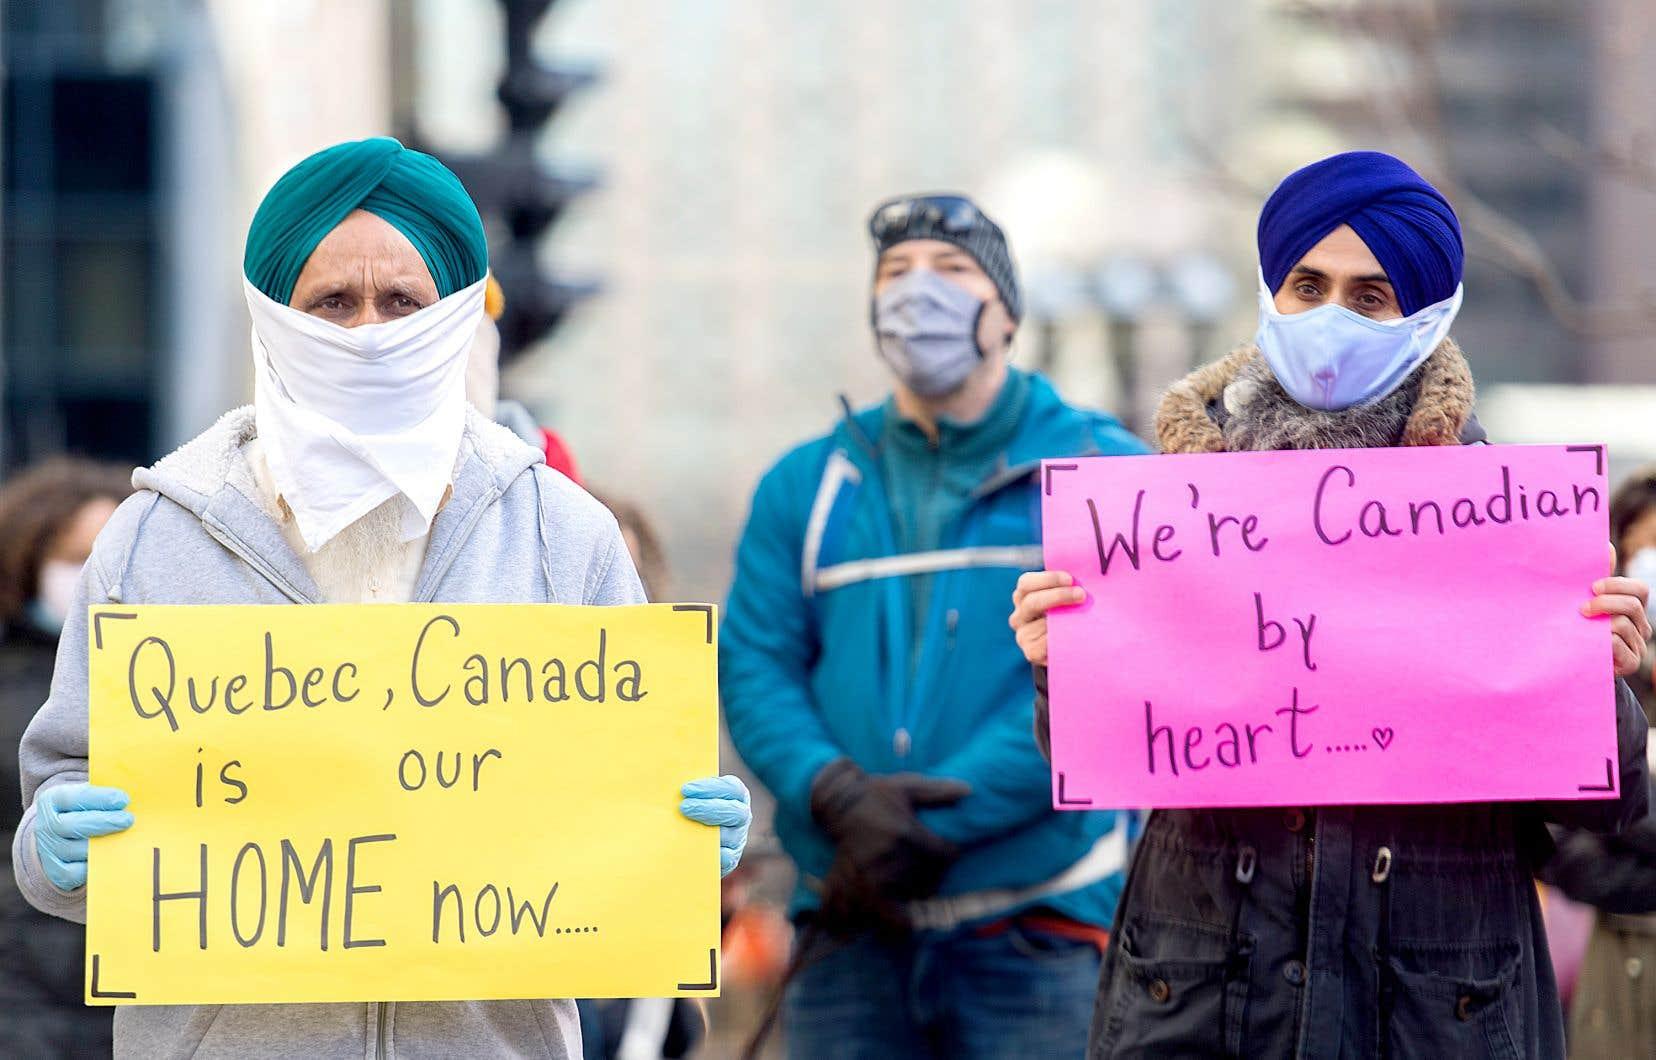 L'Agence des services frontaliers soutient que sa décision de recommencer à appliquer les mesures de renvoi des demandeurs d'asile déboutés est motivée par la réouverture de certains pays. Sur la photo, des manifestants ont réclamé, le 21 novembre, à Montréal, la régularisation du statut d'immigration des travailleurs essentiels.